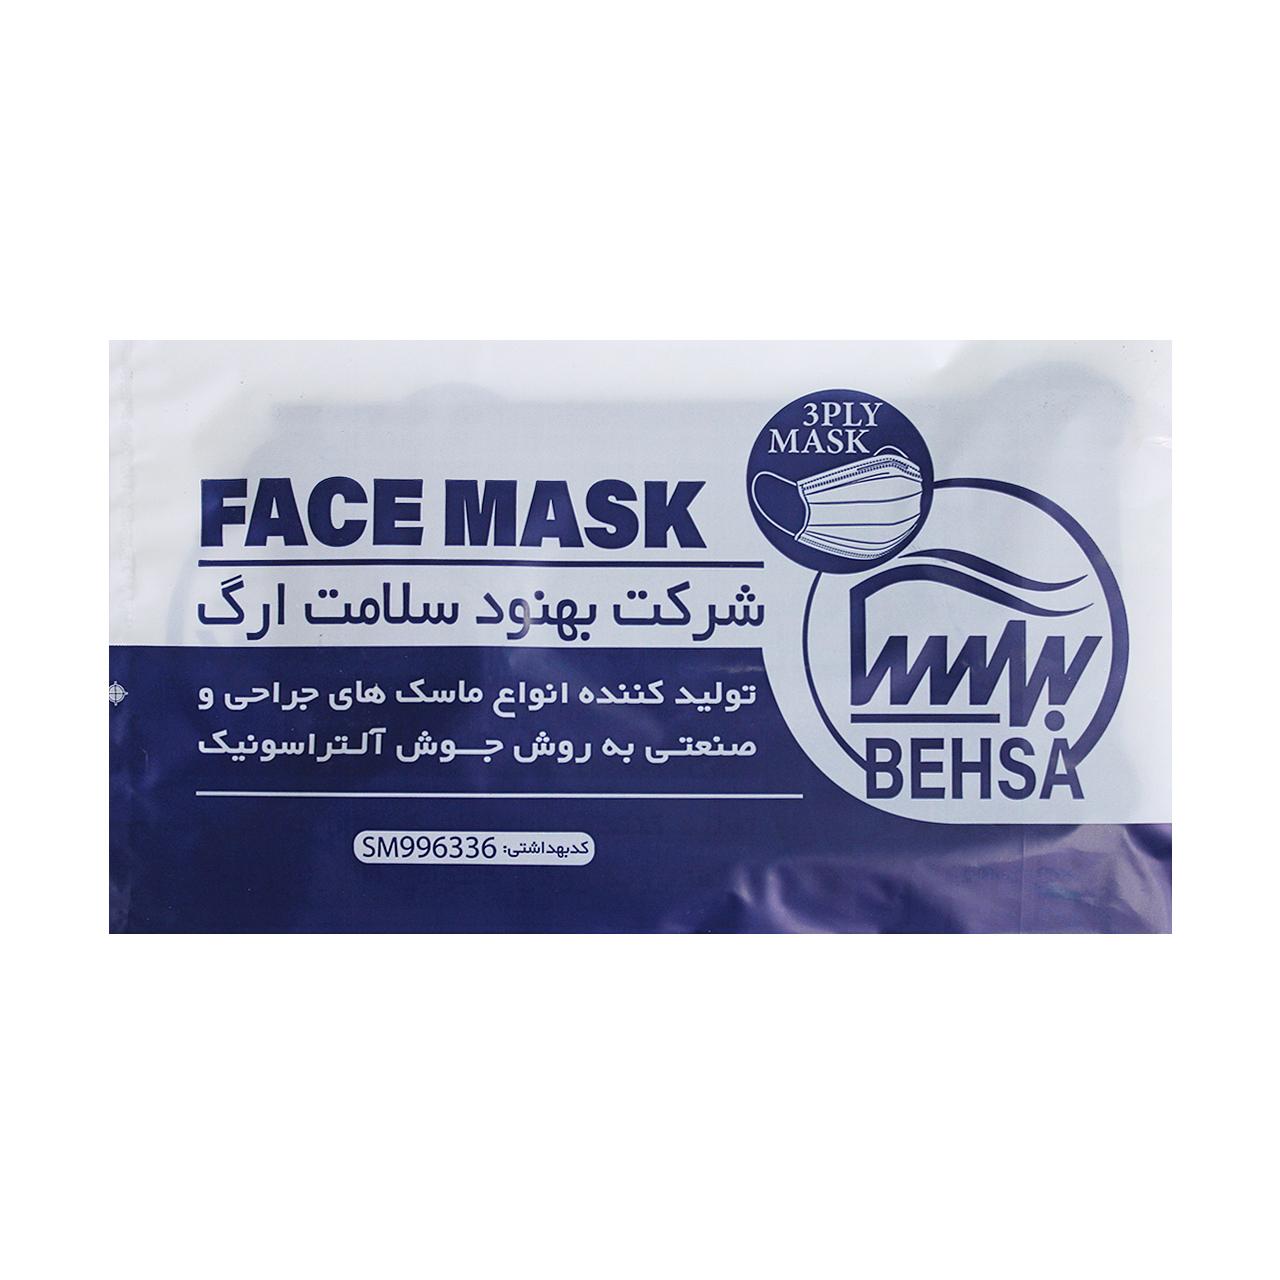 ماسک تنفسی بهسا مدل سه لایه BSA-10-BL بسته 10 عددی